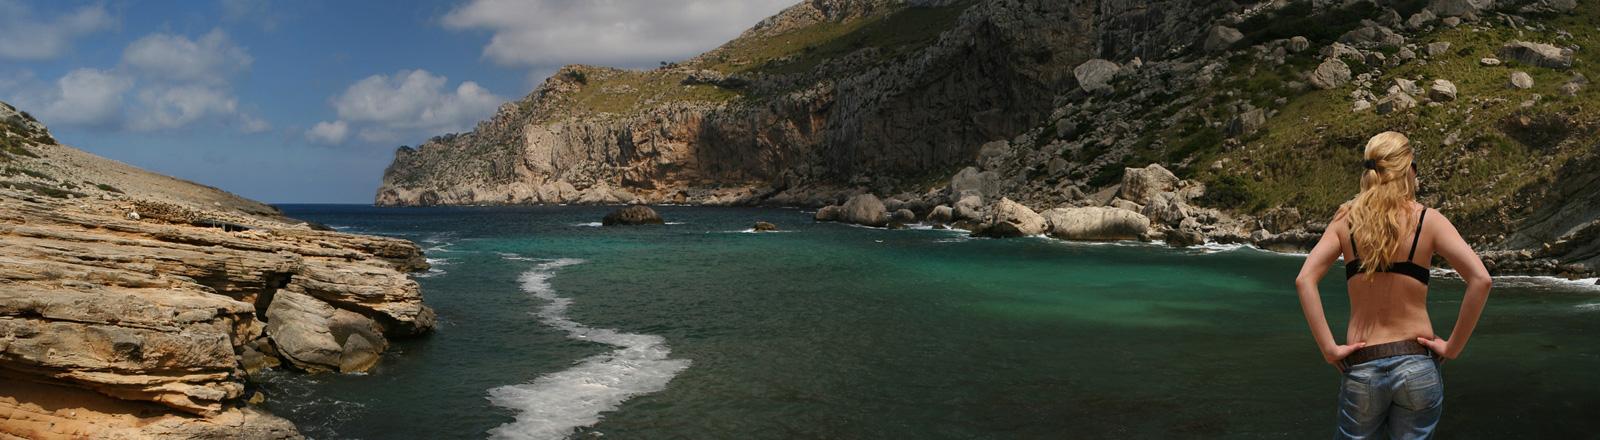 An einer Bucht steht eine Frau und blickt Richtung Meer. Sie trägt Jeans und einen BH.